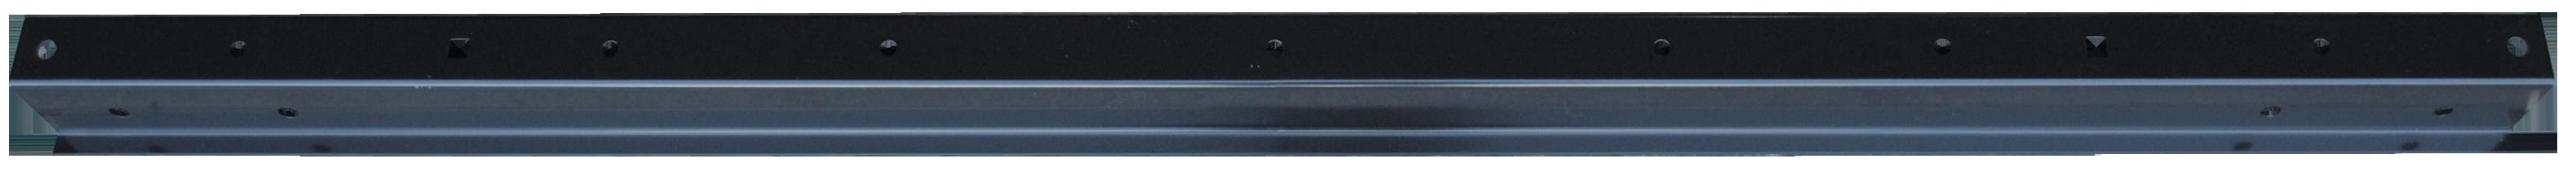 1955-59 C-10 bed cross sill stepside w/bracket holes